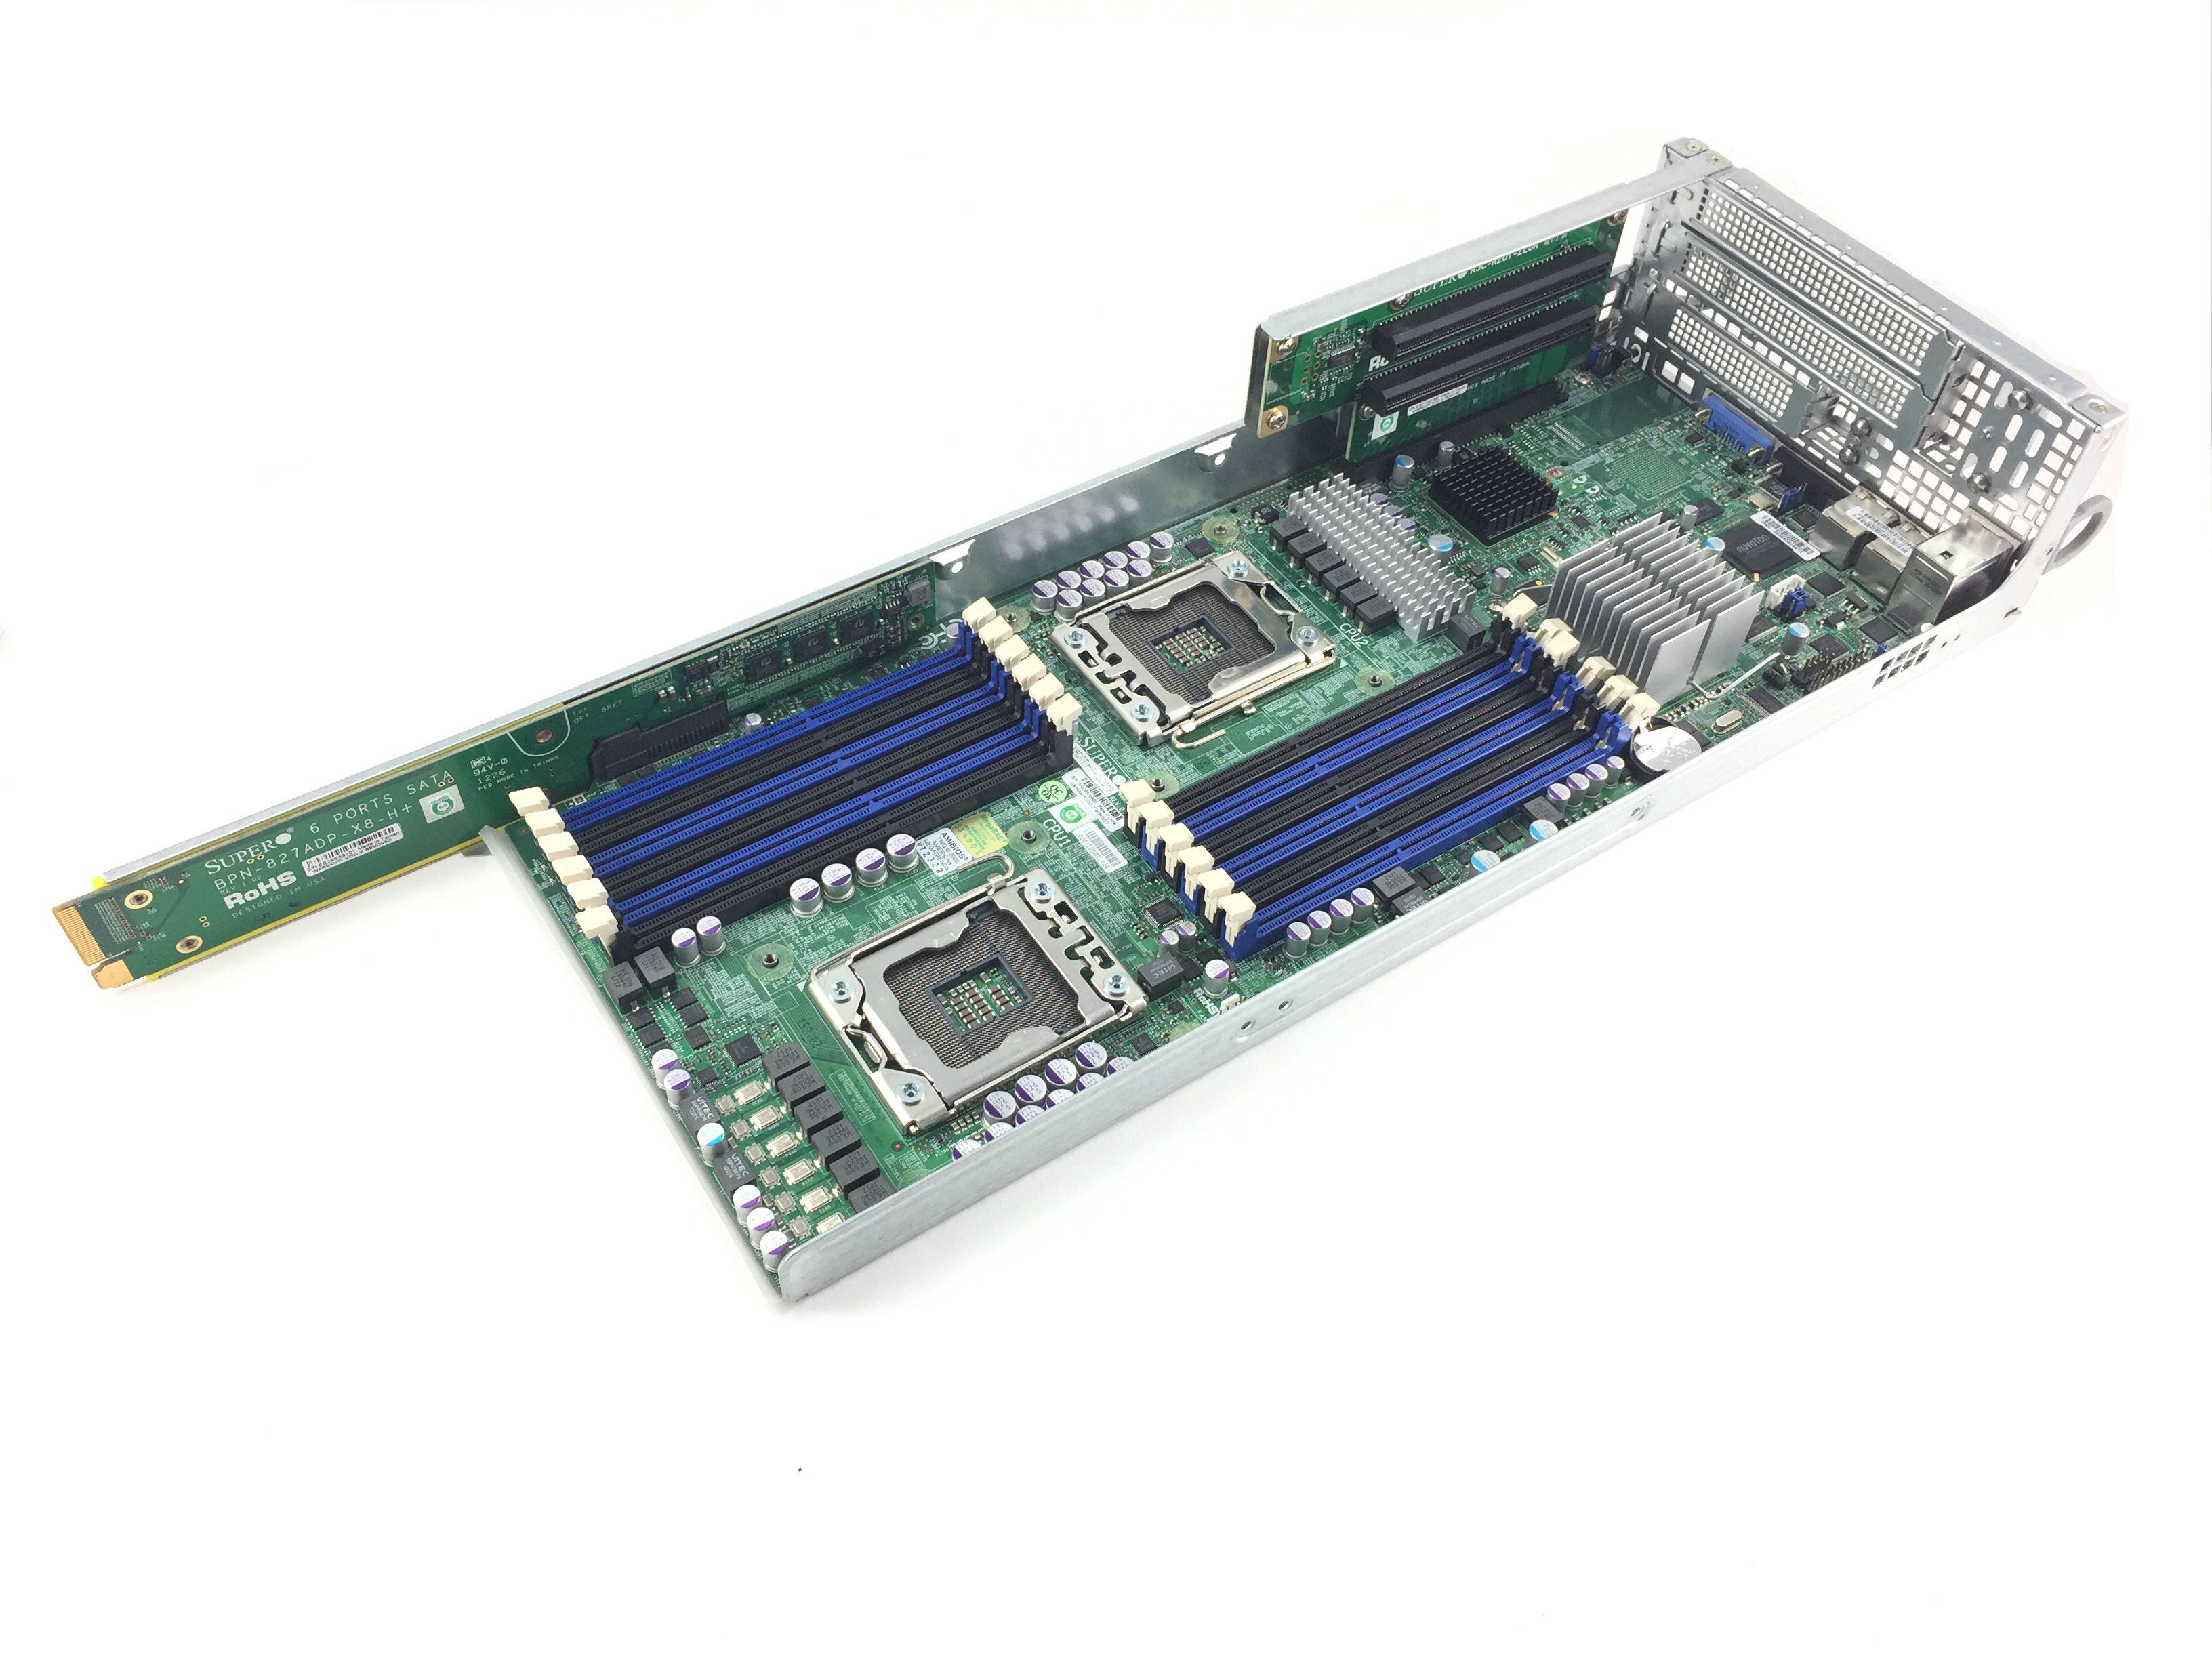 SUPERMICRO 2U NODE CSE-217HQ-R1400B CSE-827H-R1200B SYSTEM BOARD (X8DTT-HF)